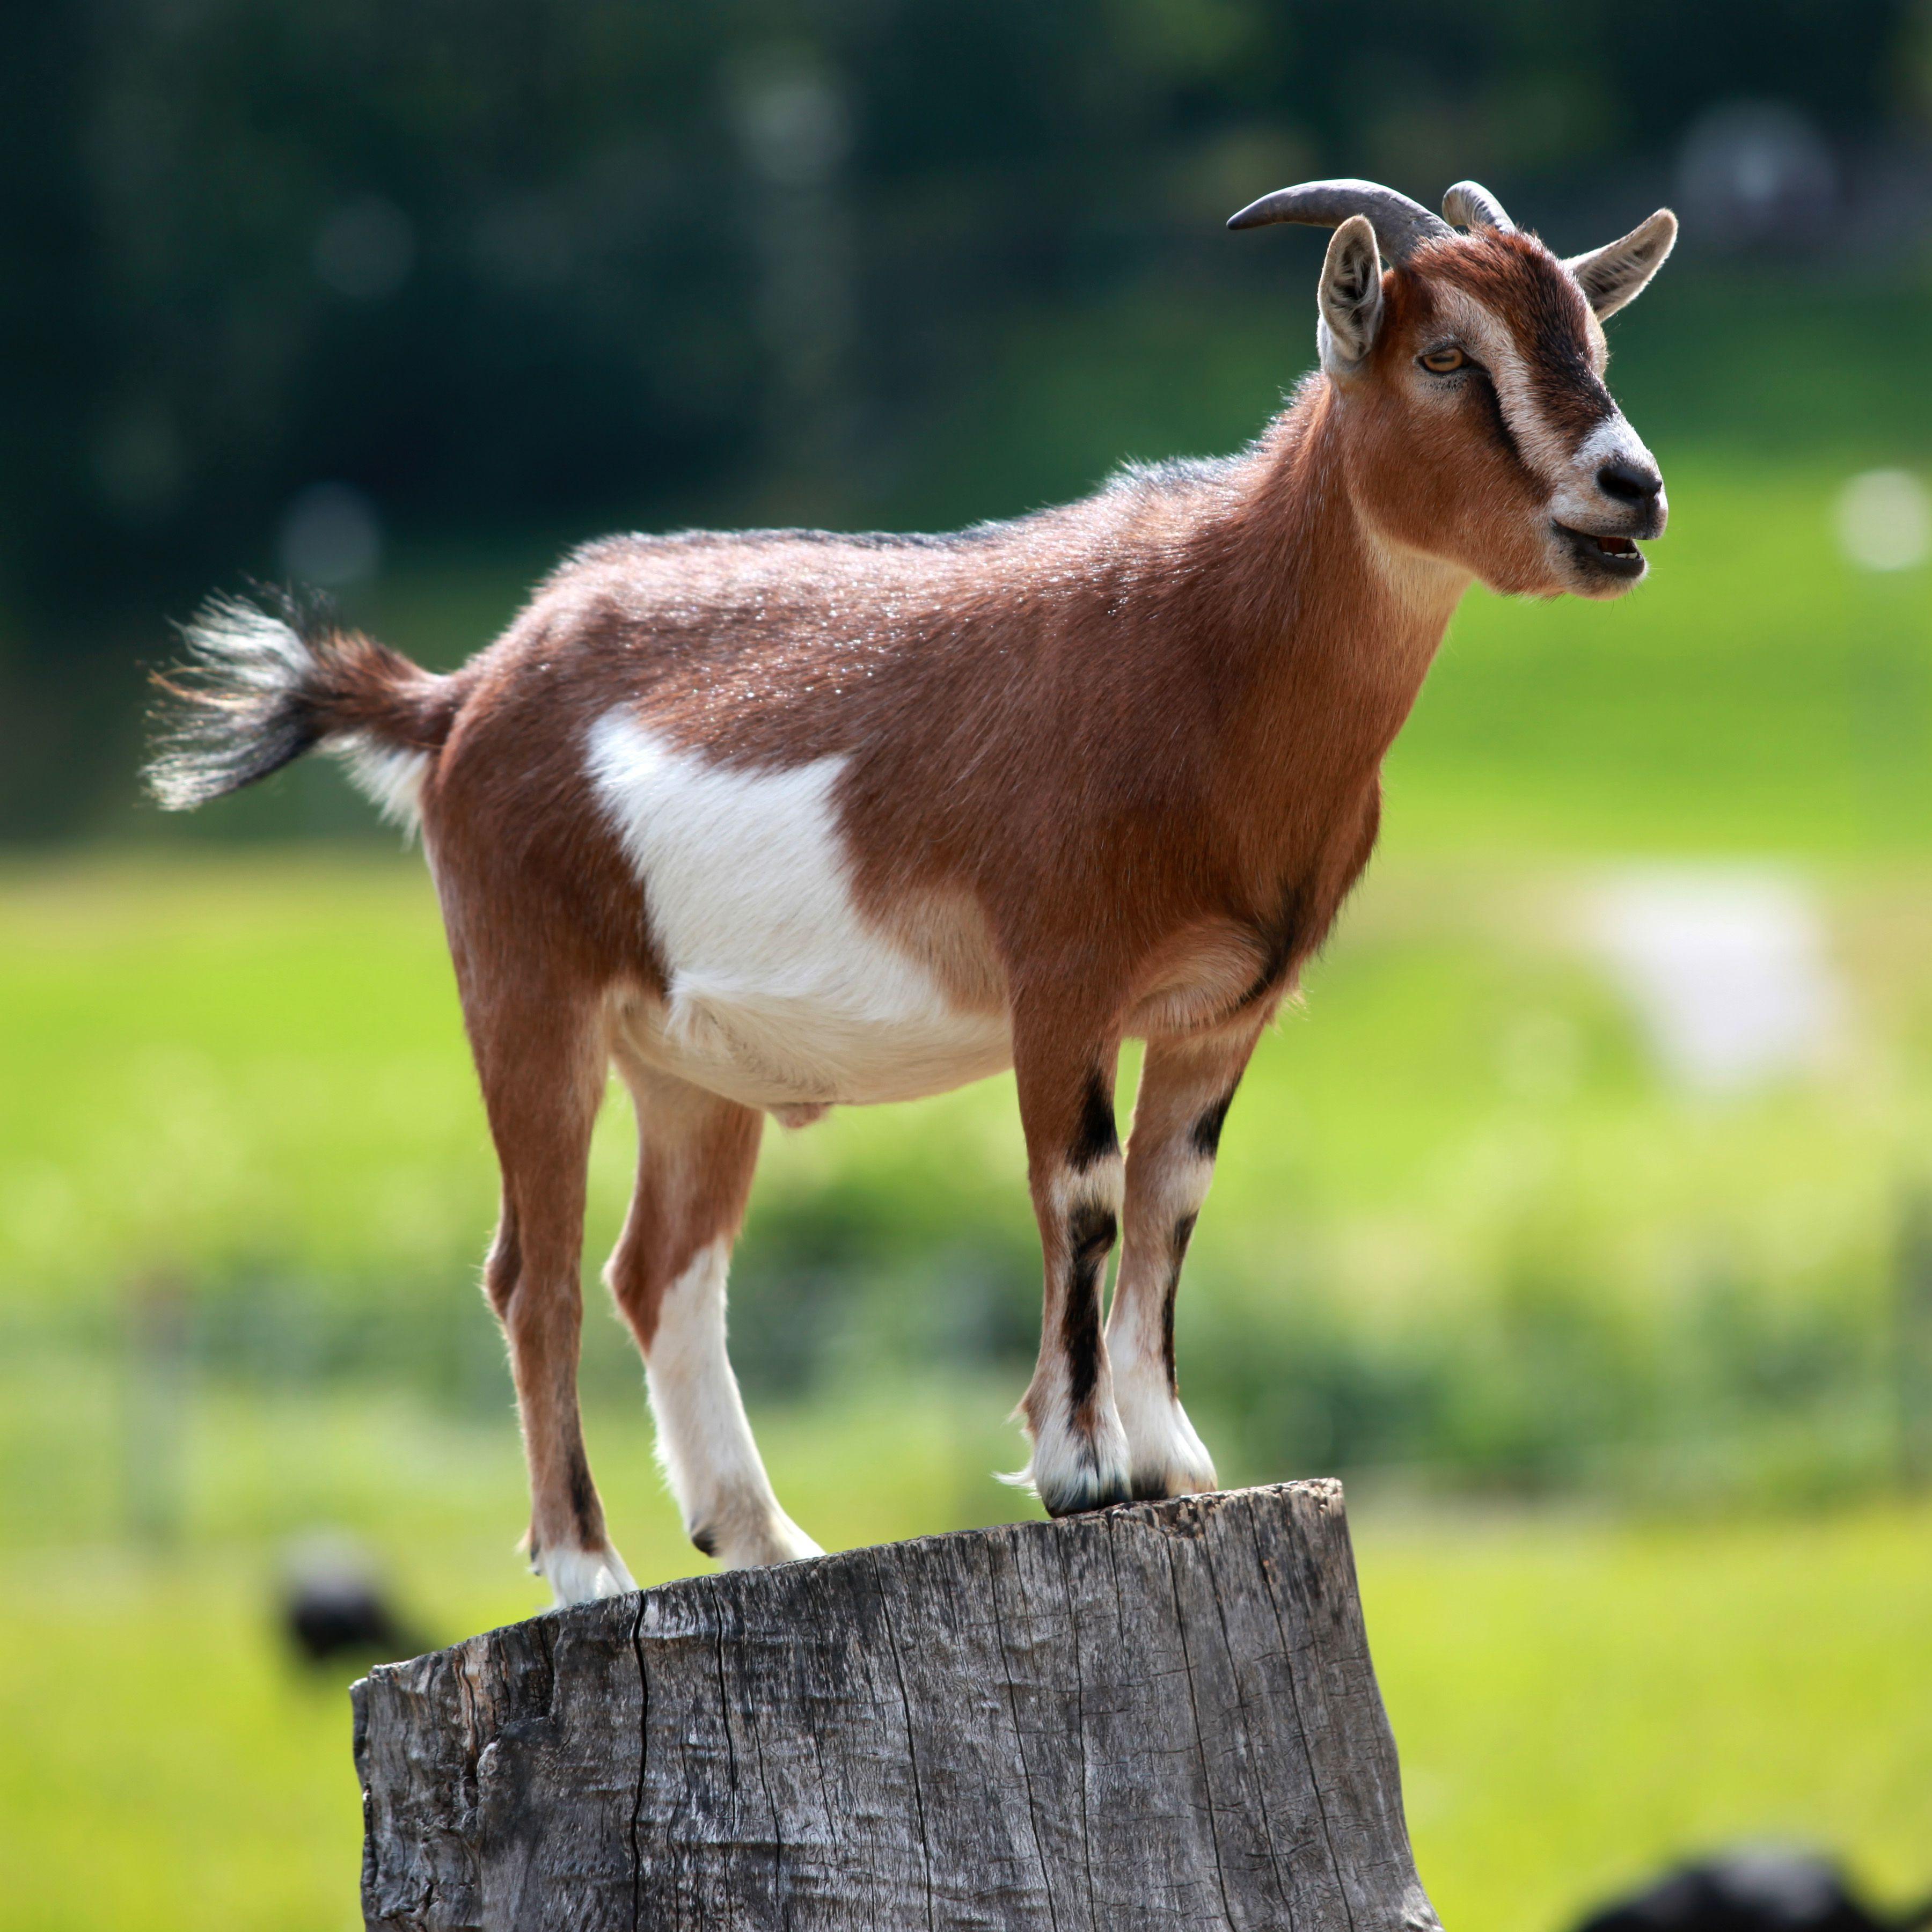 العنزة Goat-has-triangular-